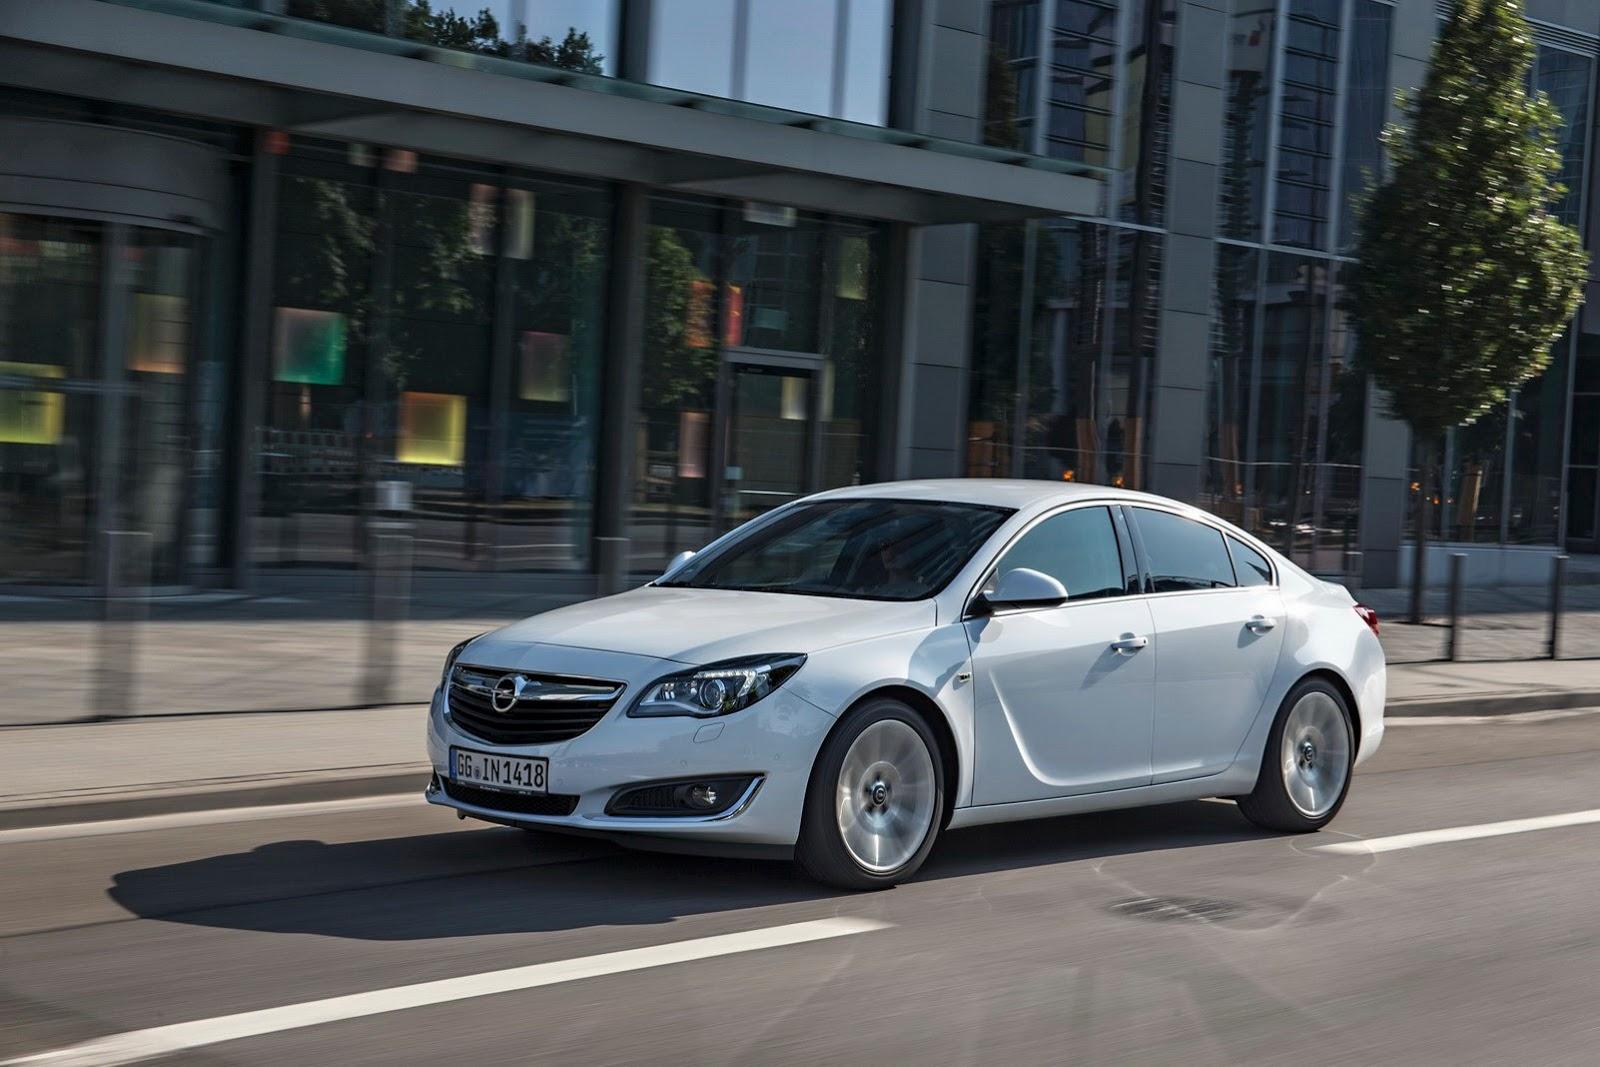 Opel-Insignia-FL-10%25255B2%25255D.jpg